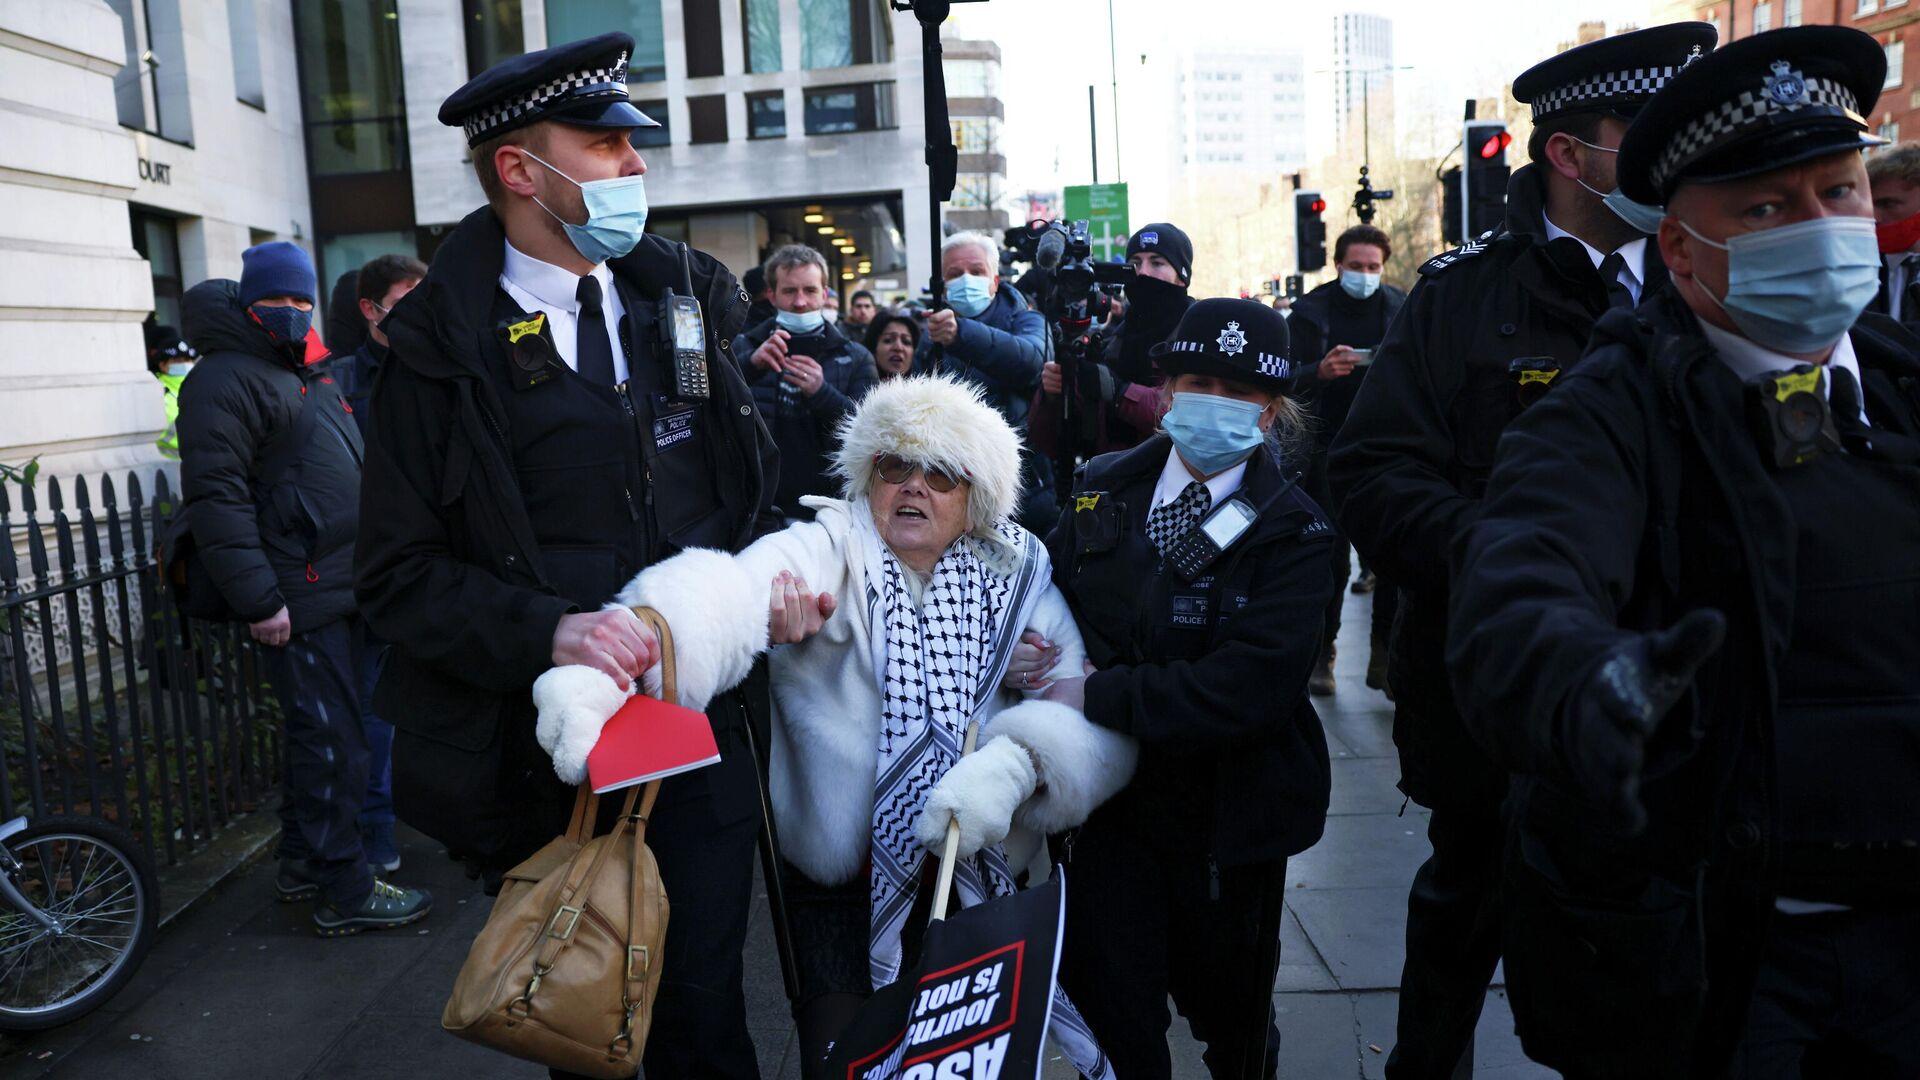 Сотрудники полиции задерживают сторонницу Джулиана Ассанжа возле здания суда в Лондоне - РИА Новости, 1920, 06.01.2021